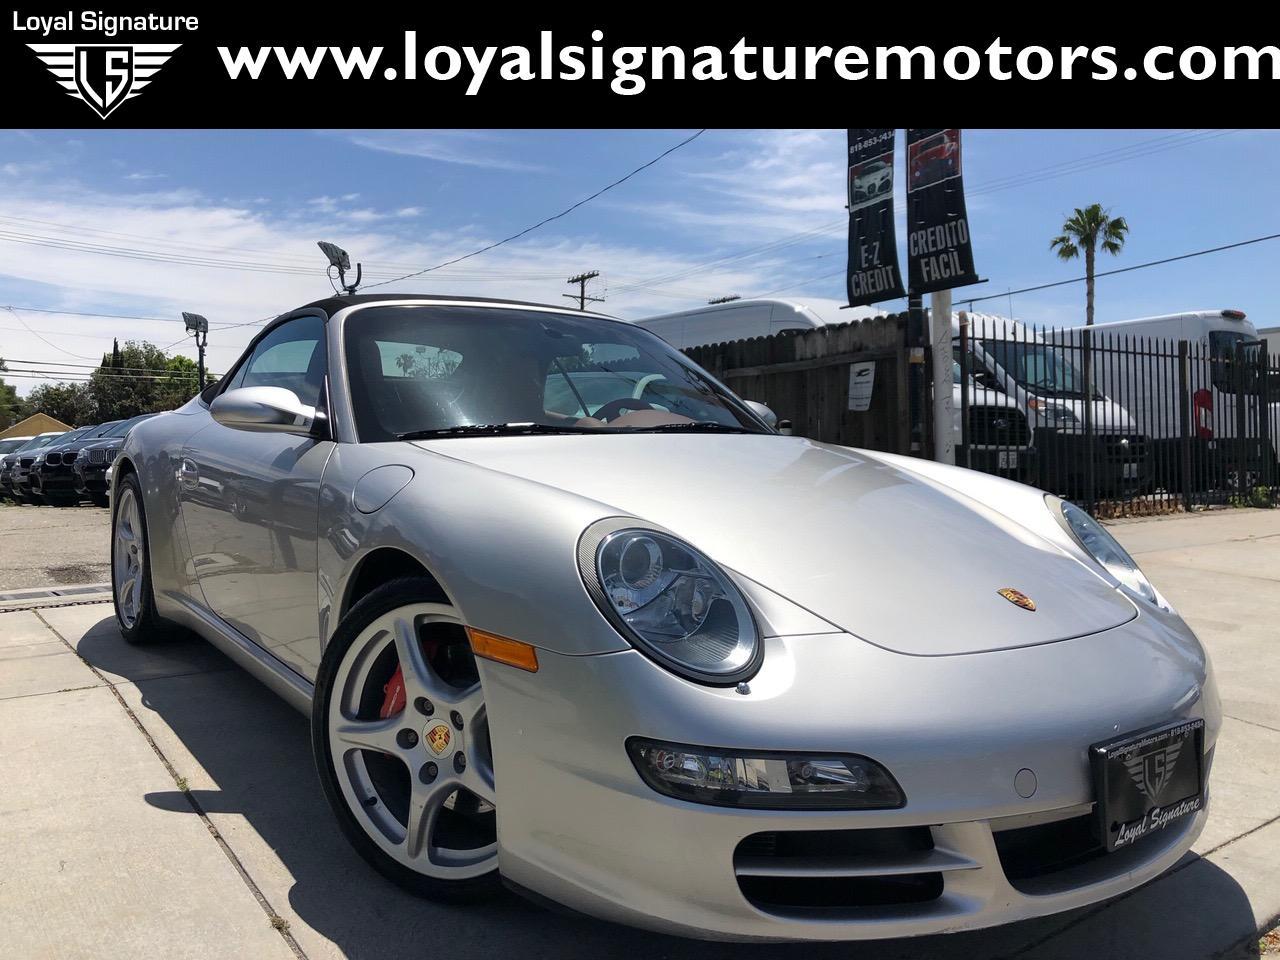 Used 2006 Porsche 911 Carrera S | Van Nuys, CA